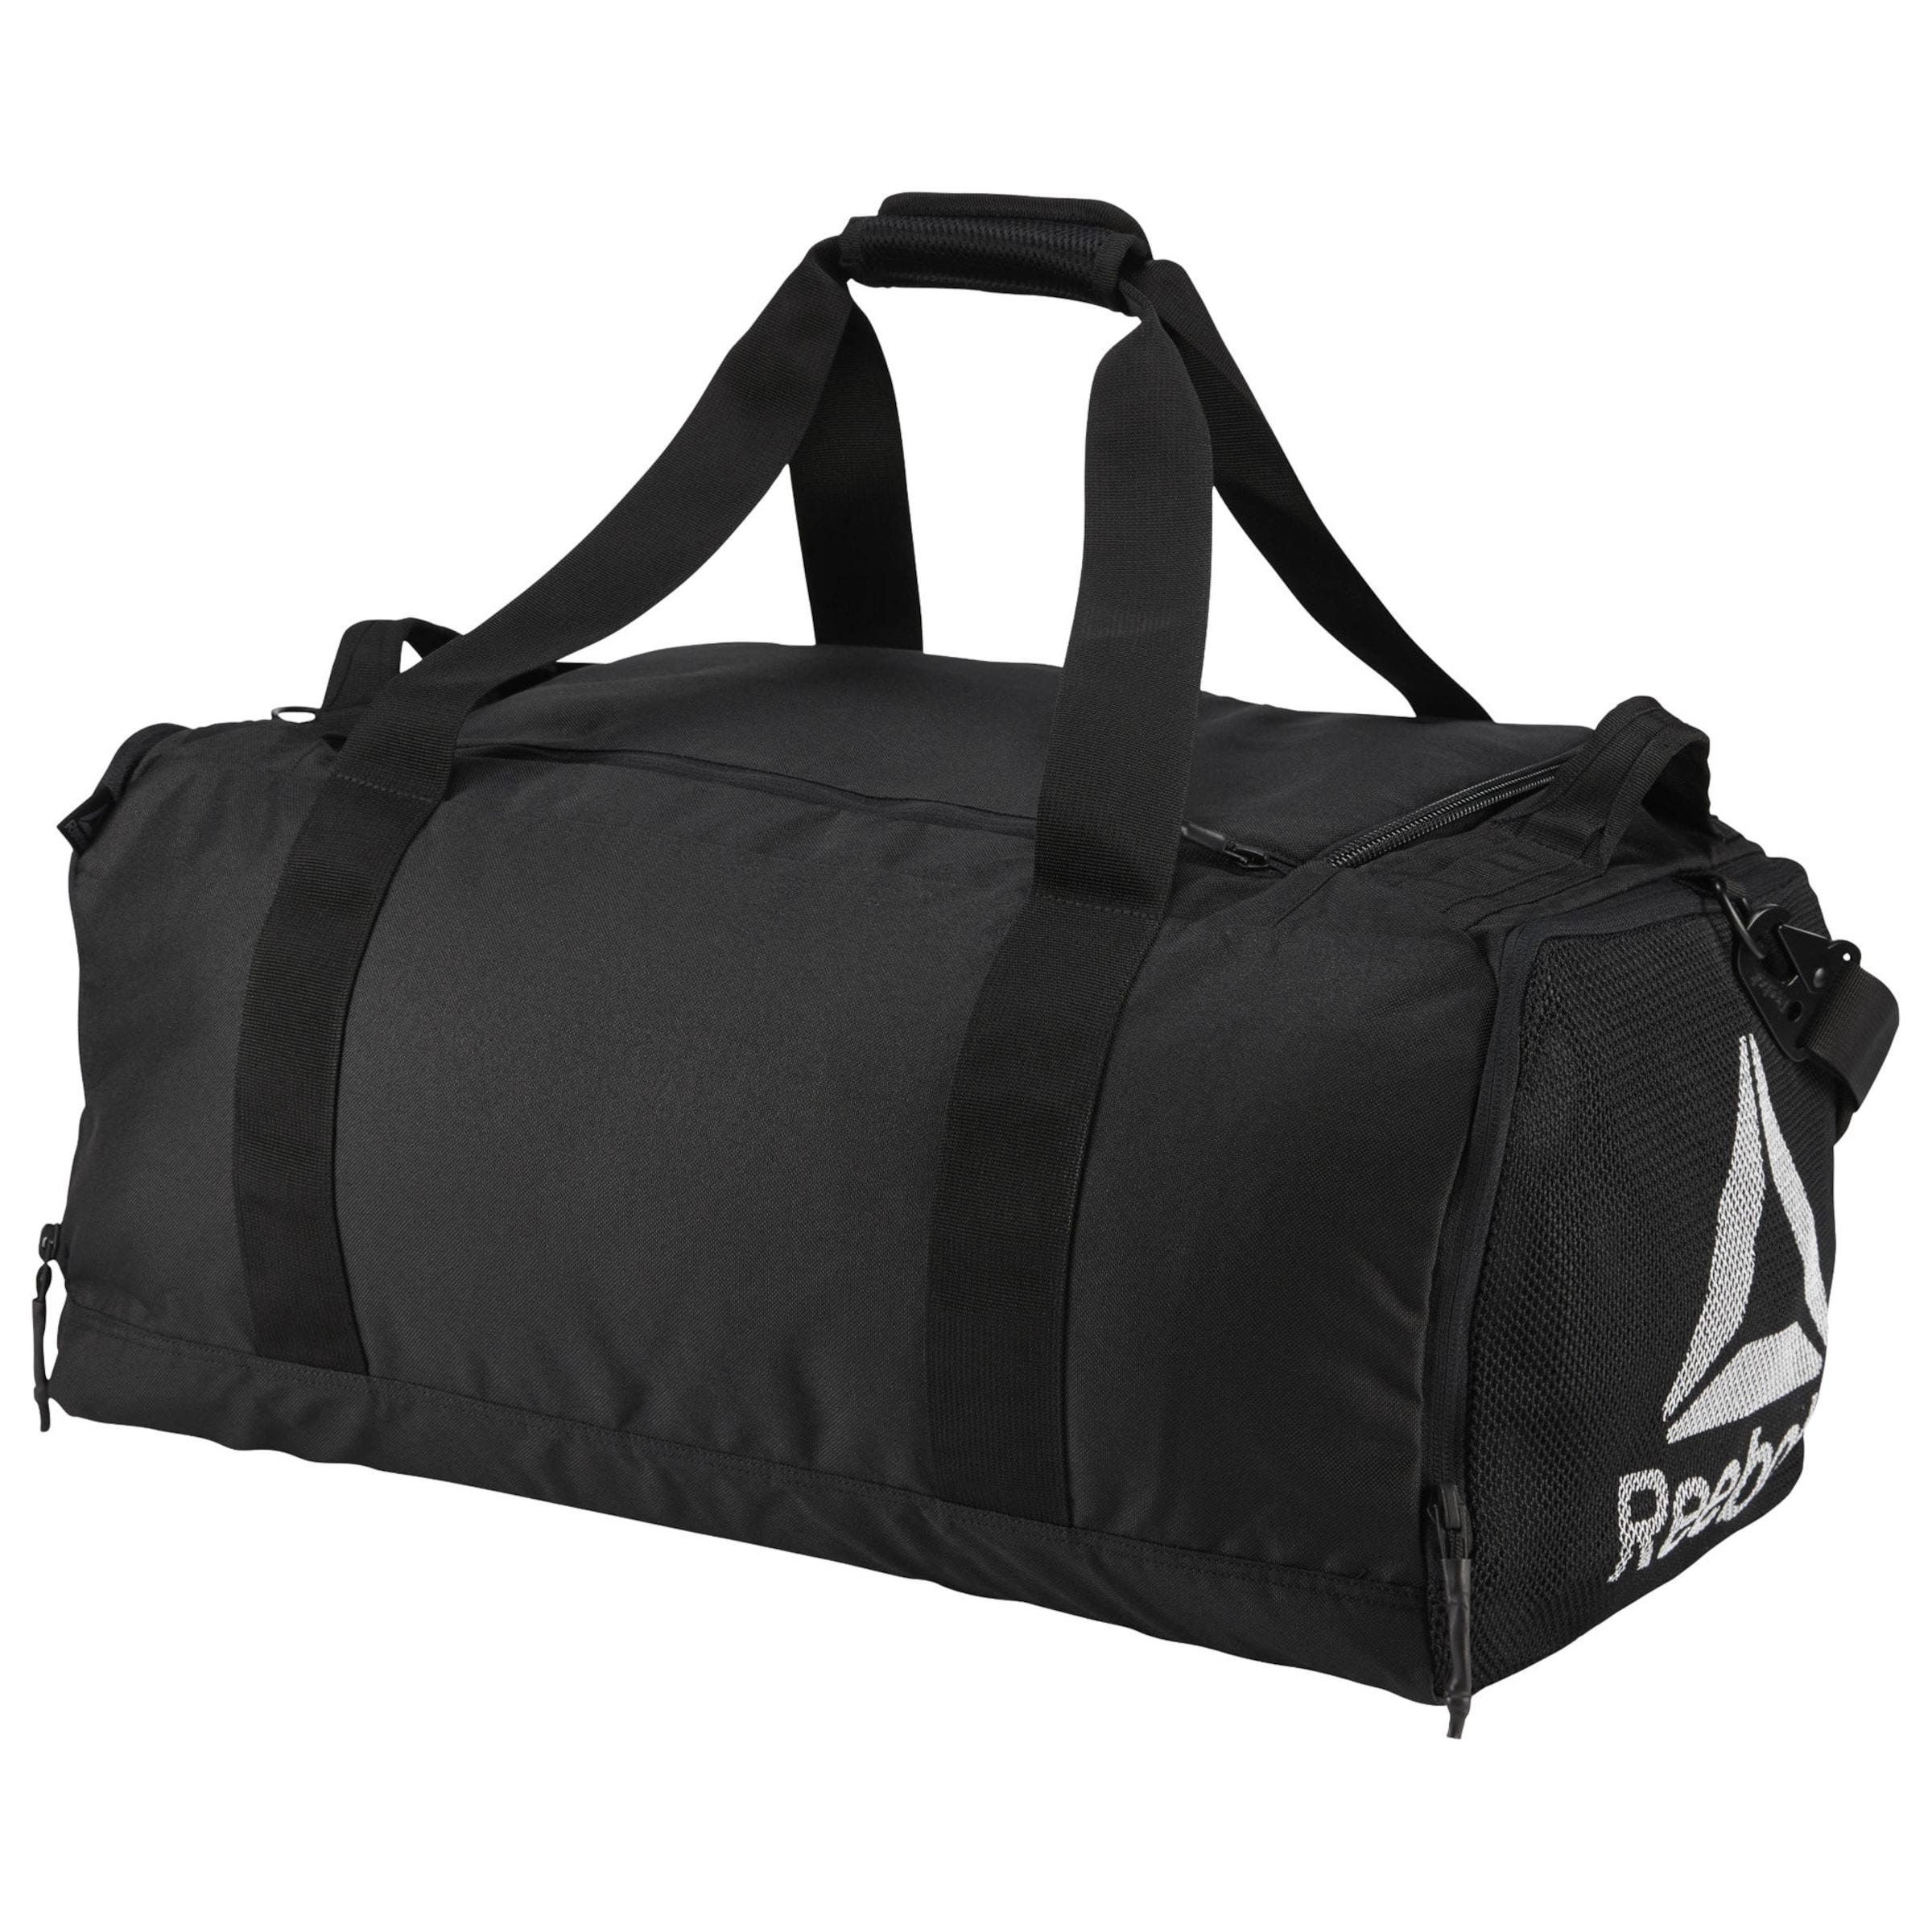 Schwarz Taschen In Reebok Taschen Taschen In Schwarz Reebok Reebok 7gyfYvb6